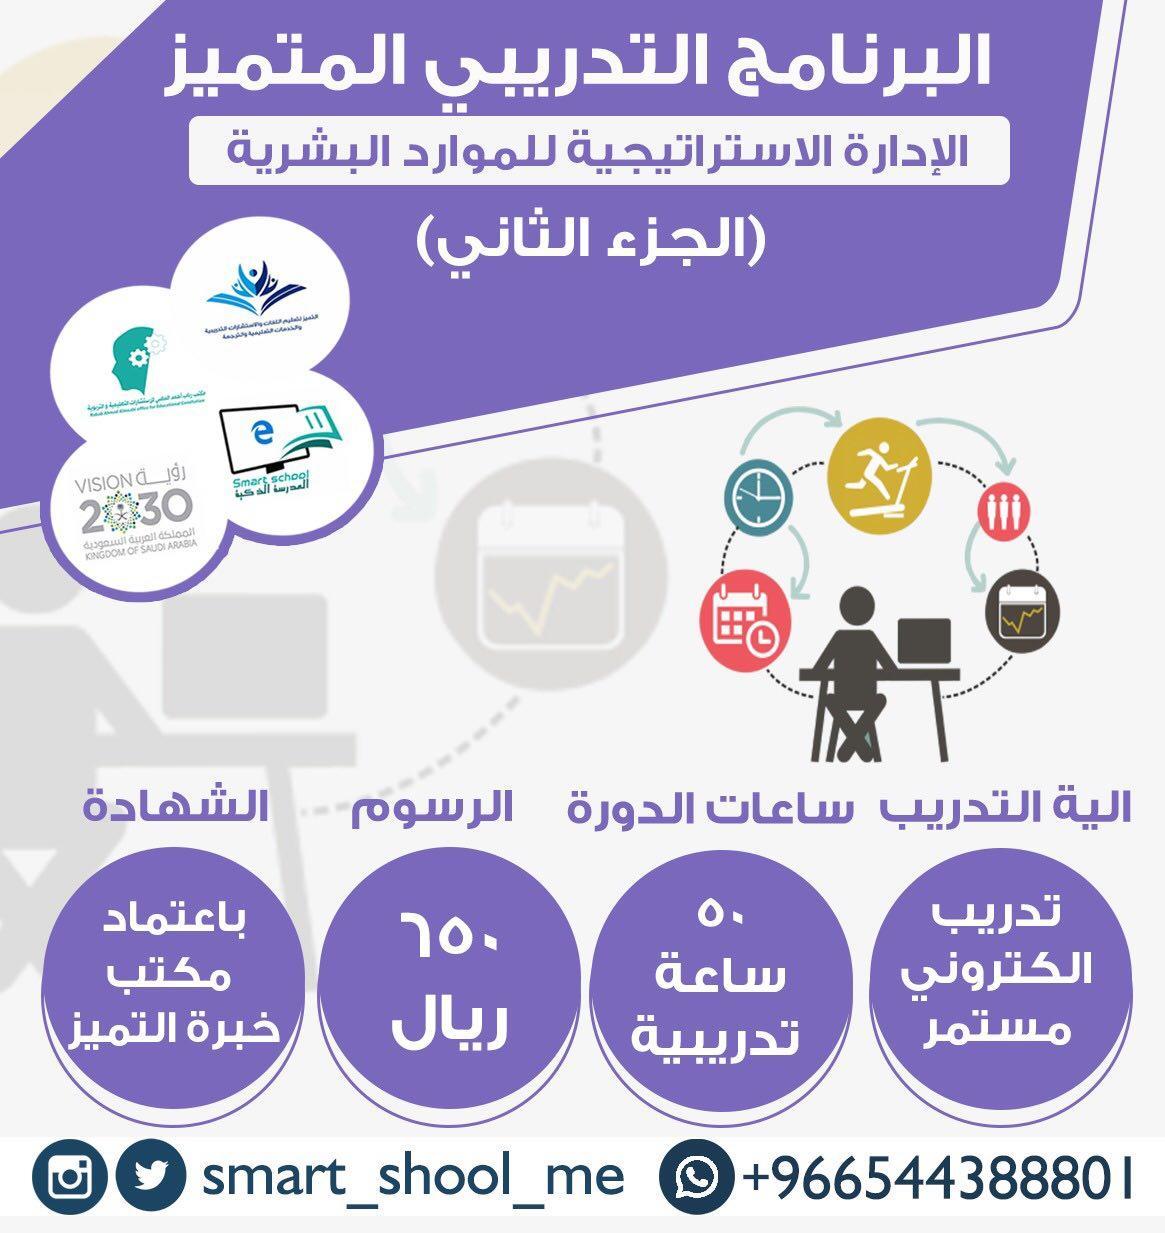 البرنامج التدريبي (الإدارة الاستراتيجية البشرية 931060649.jpg